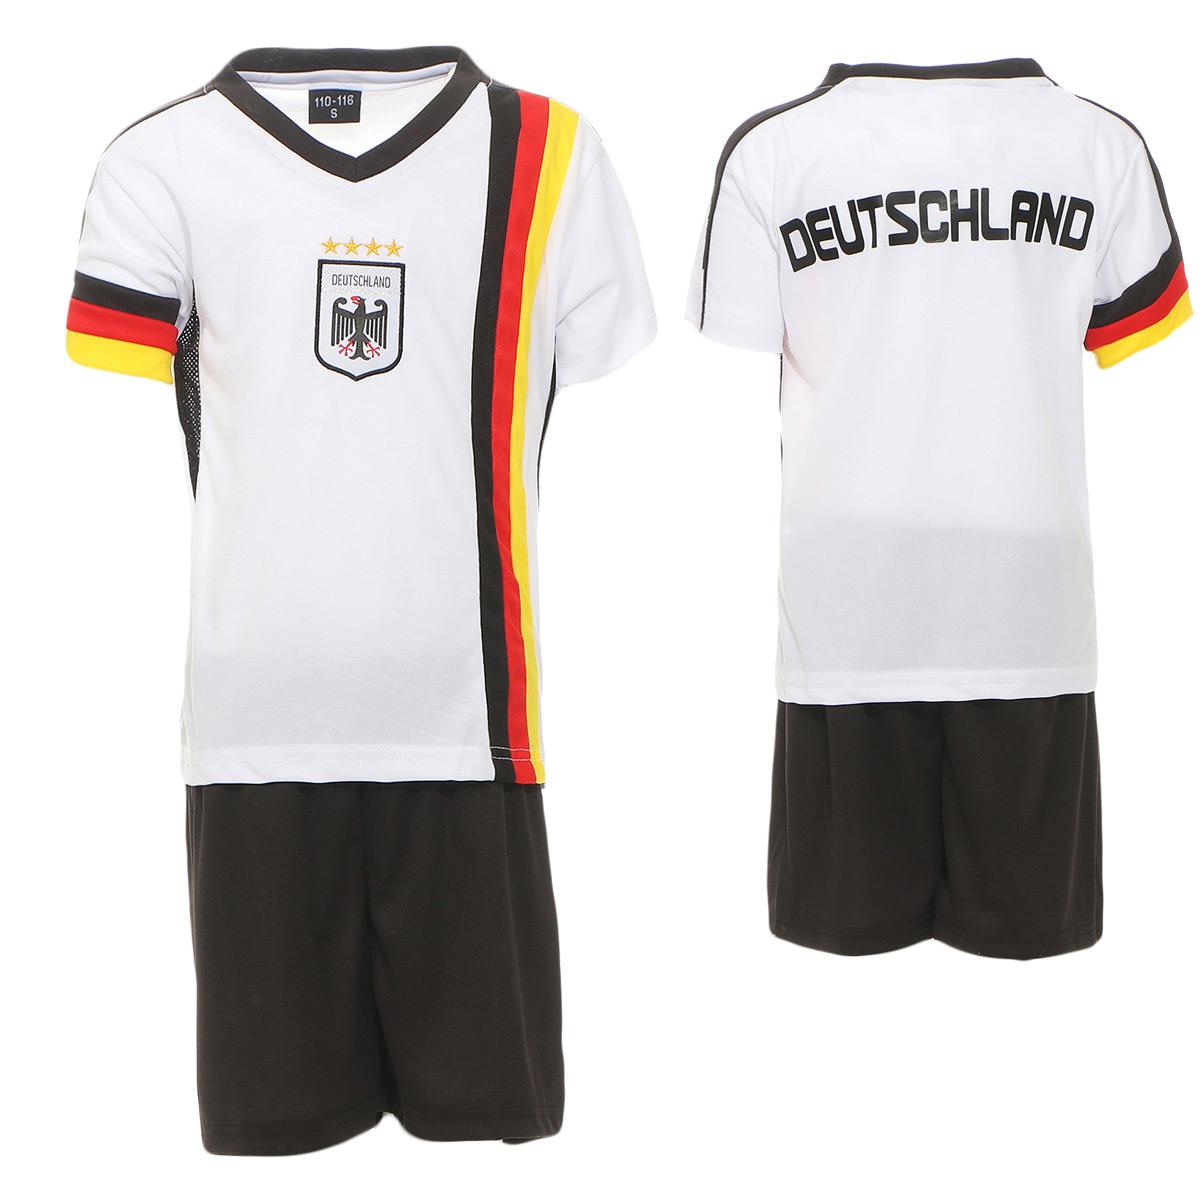 Deutschland Kinder Klamottenset für WM 2018 98-104/ 110-116/122-128/134-140/146-152 ab 9,06€ inklusive Versand